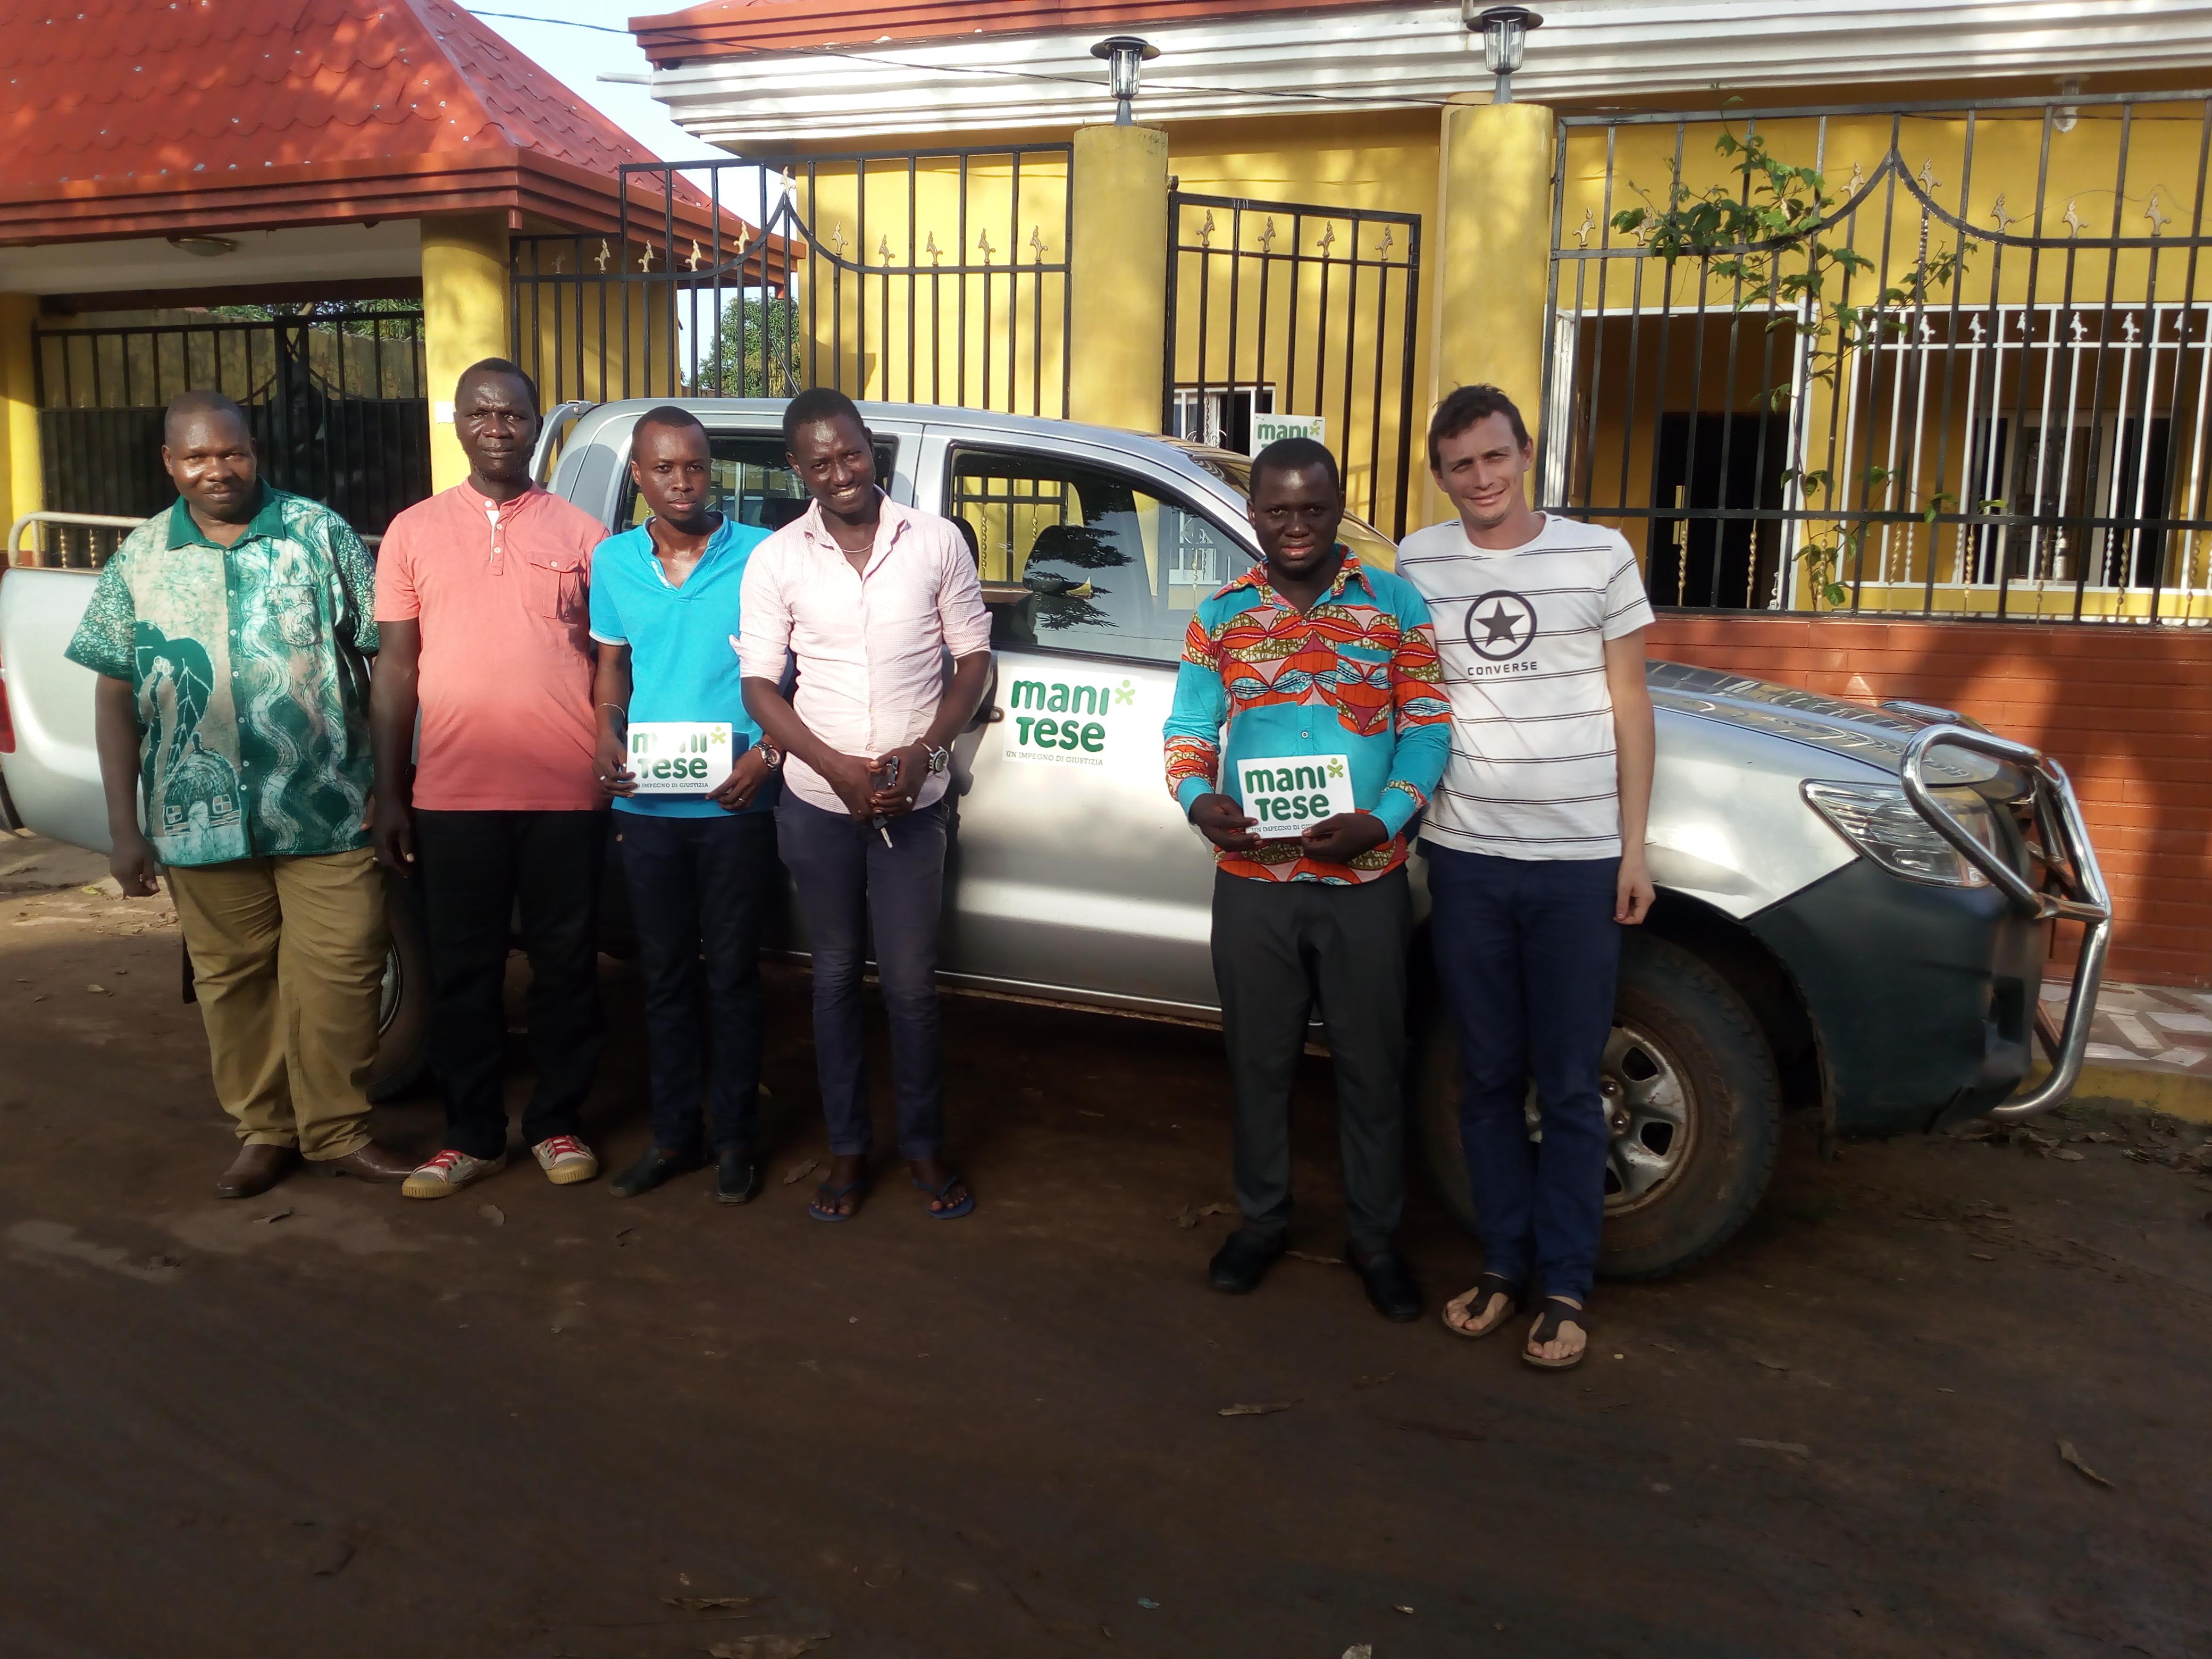 team gabu_guinea-bissau_mani tese_2018